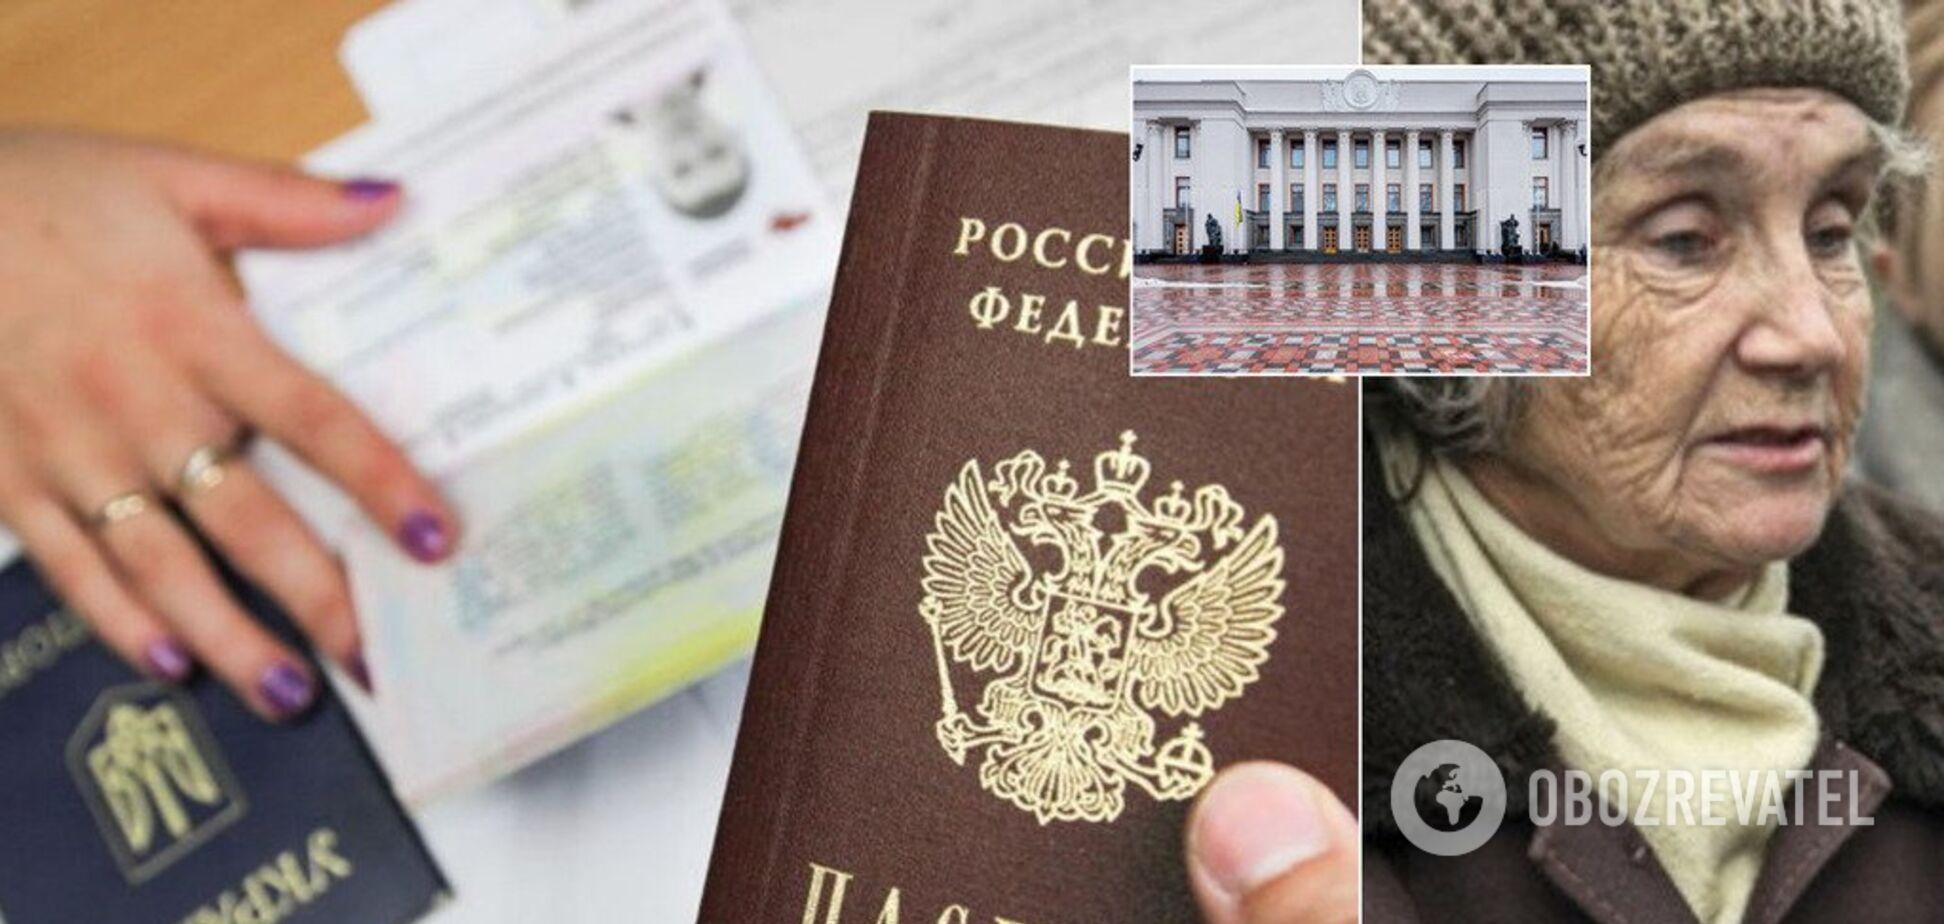 'Вони зрадники!' В Україні заговорили про конфіскацію майна жителів Донбасу. Розгорівся скандал